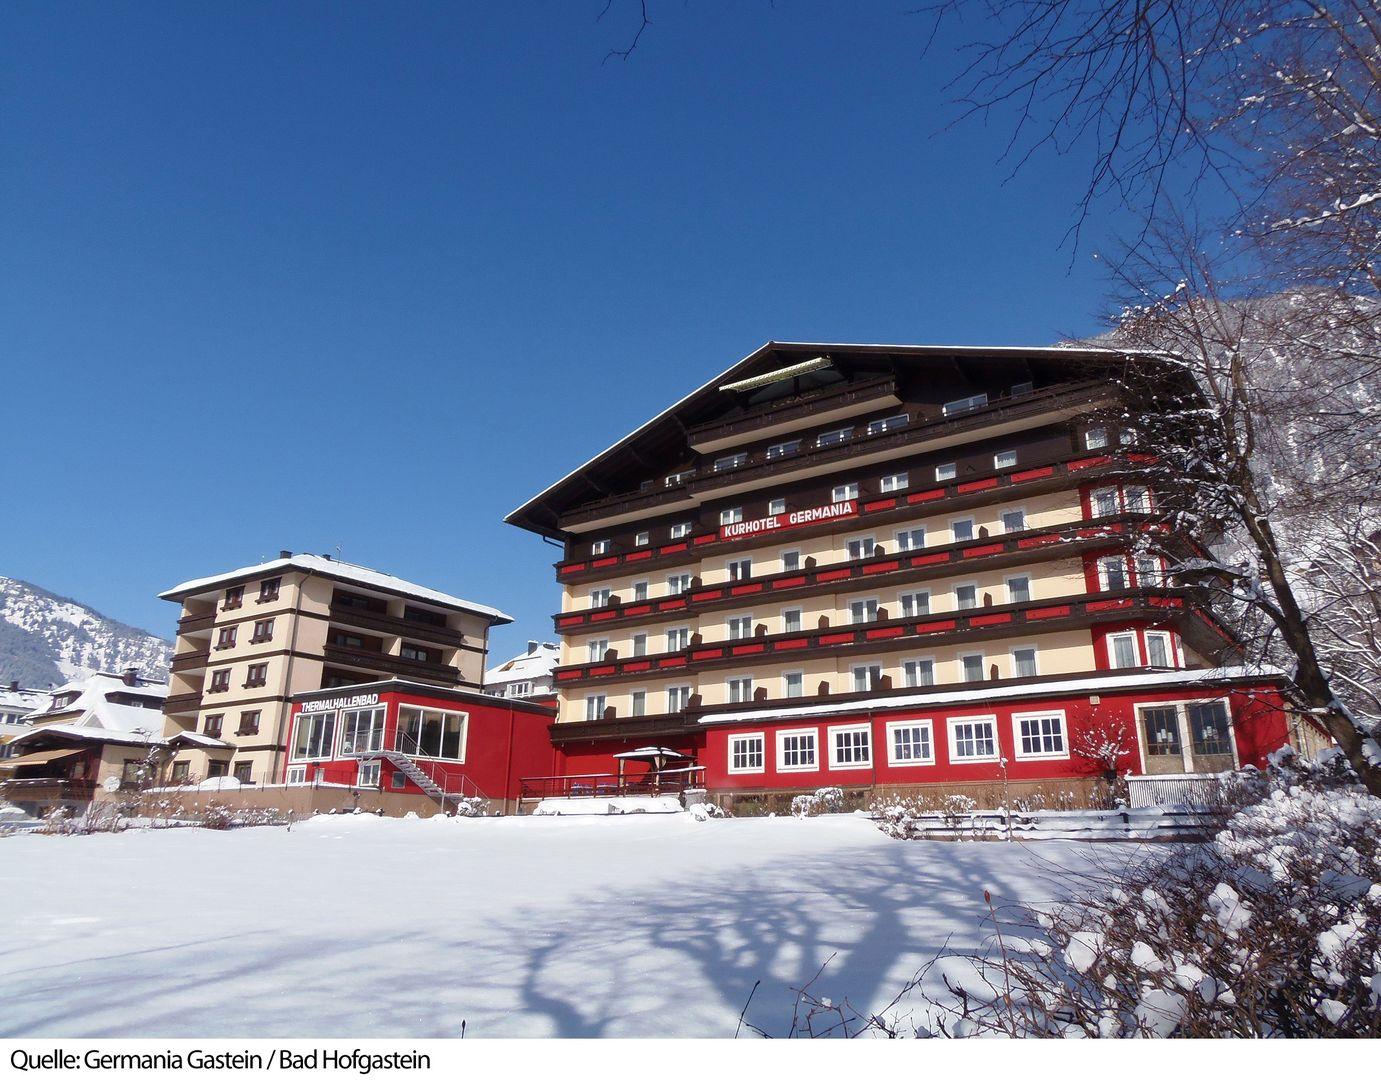 AKZENT Hotel Germania Gastein - Slide 1